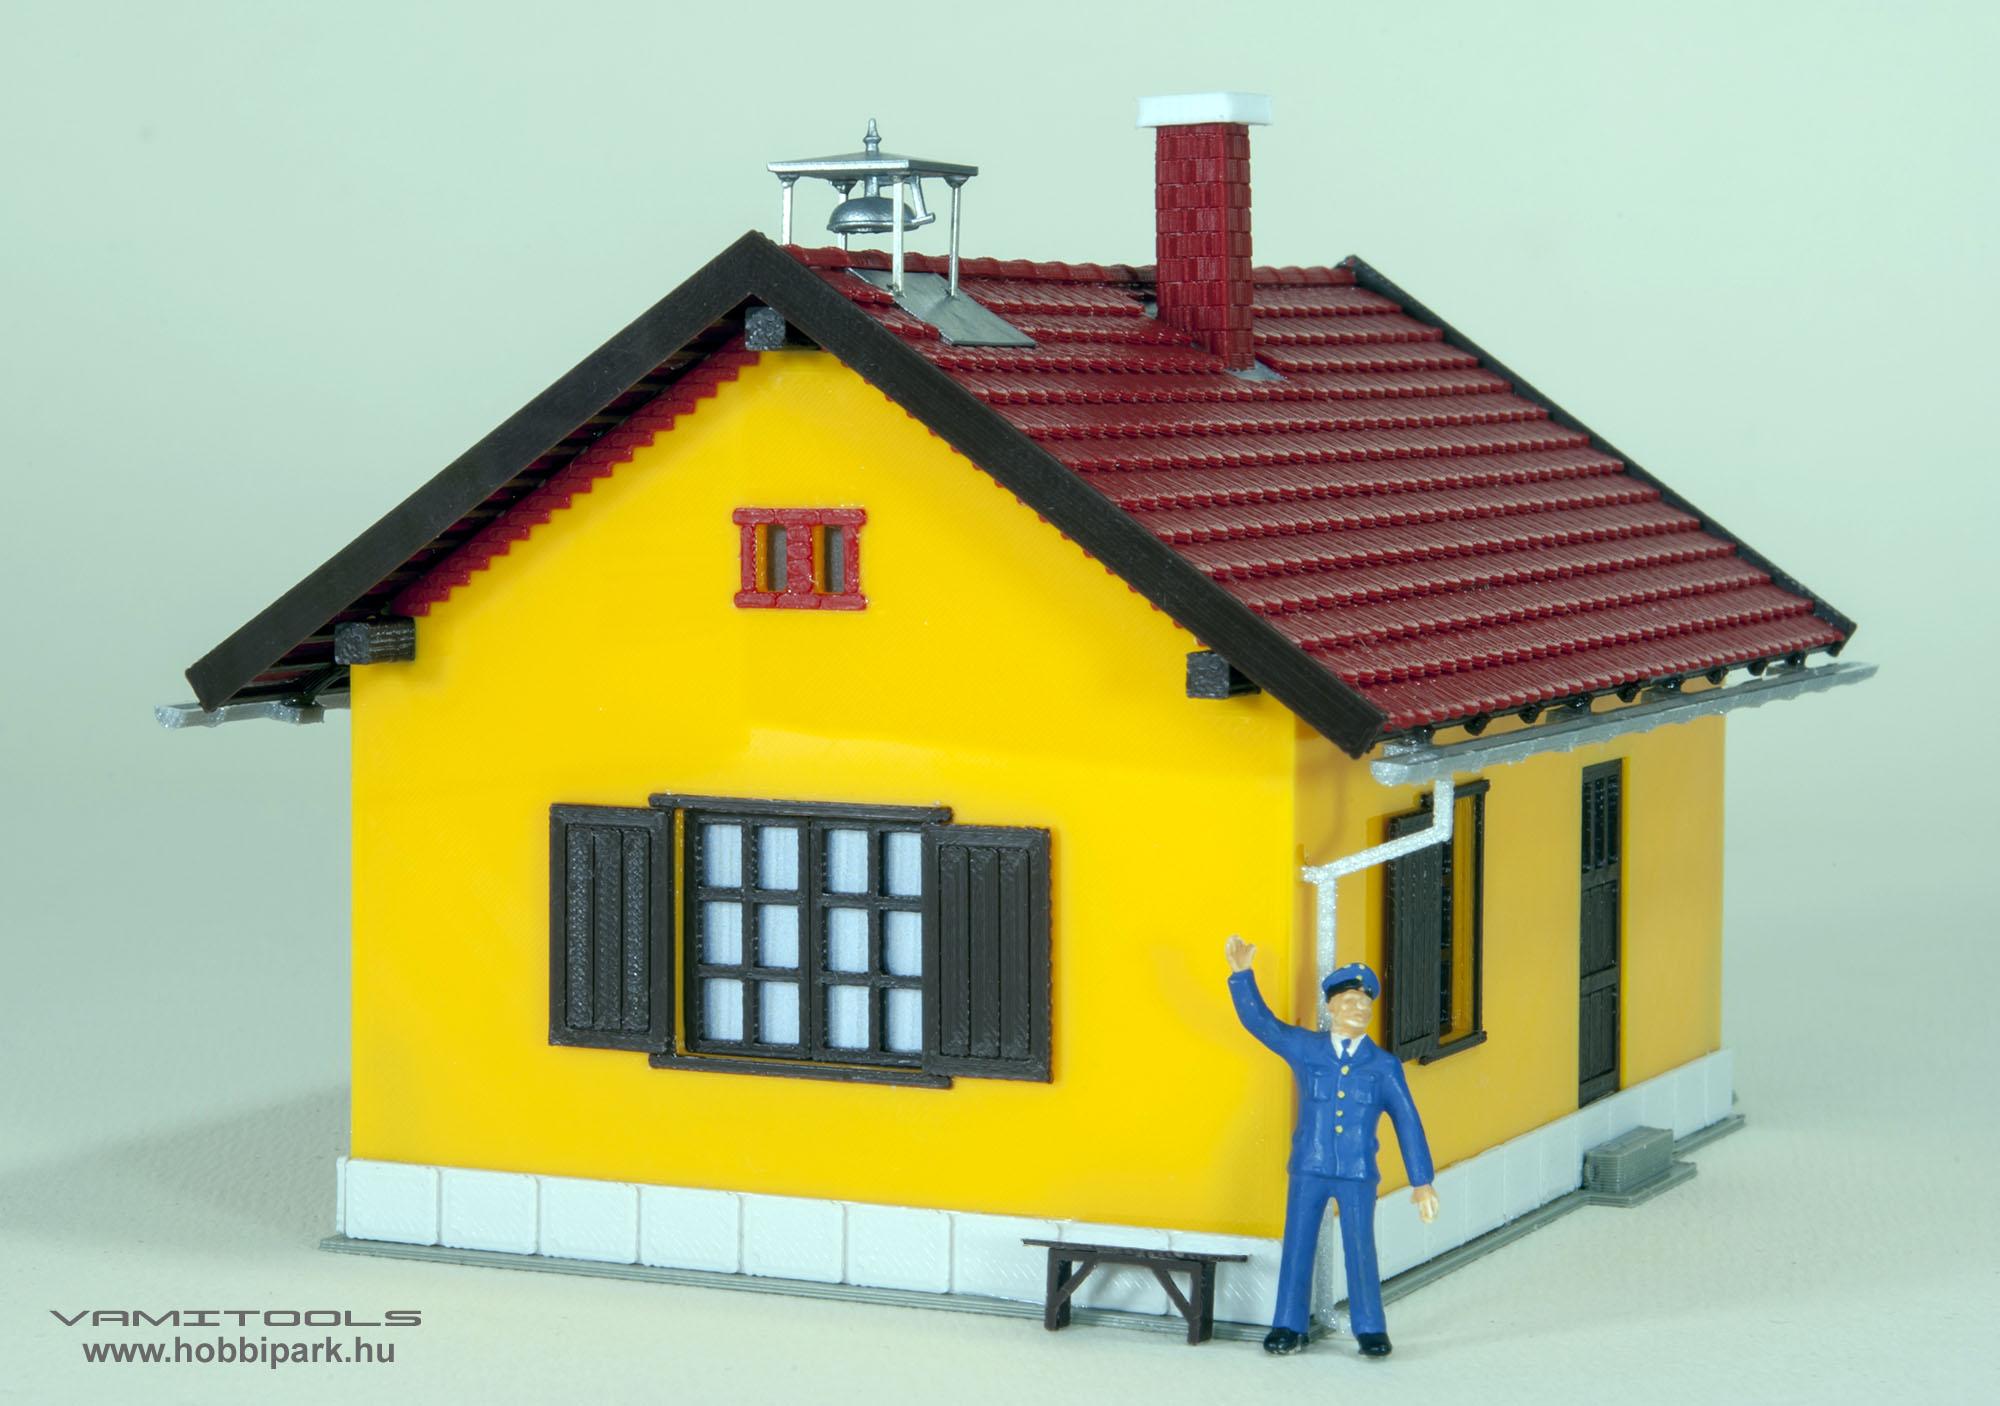 jelzőharang, csengő, harang, állomási jelzőharang, állomási csengő, állomási harang, vasúti jelzőharang, vasúti csengő, vasúti harang, őrház jelzőharang, őrház csengő, őrház harang, H0 jelzőharang, H0 csengő, H0 harang, H0 állomási jelzőharang, H0 állomási csengő, H0 állomási harang, H0 vasúti jelzőharang, H0 vasúti csengő, H0 vasúti harang, H0 őrház jelzőharang, H0 őrház csengő, H0 őrház harang, 1:87 jelzőharang, 1:87 csengő, 1:87 harang, 1:87 állomási jelzőharang, 1:87 állomási csengő, 1:87 állomási harang, 1:87 vasúti jelzőharang, 1:87 vasúti csengő, 1:87 vasúti harang, 1:87 őrház jelzőharang, 1:87 őrház csengő, 1:87 őrház harang, TT jelzőharang, TT csengő, TT harang, TT állomási jelzőharang, TT állomási csengő, TT állomási harang, TT vasúti jelzőharang, TT vasúti csengő, TT vasúti harang, TT őrház jelzőharang, TT őrház csengő, TT őrház harang, 1:120 jelzőharang, 1:120 csengő, 1:120 harang, 1:120 állomási jelzőharang, 1:120 állomási csengő, 1:120 állomási harang, 1:120 vasúti jelzőharang, 1:120 vasúti csengő, 1:120 vasúti harang, 1:120 őrház jelzőharang, 1:120 őrház csengő, 1:120 őrház harang, N jelzőharang, N csengő, N harang, N állomási jelzőharang, N állomási csengő, N állomási harang, N vasúti jelzőharang, N vasúti csengő, N vasúti harang, N őrház jelzőharang, N őrház csengő, N őrház harang, 1:160 jelzőharang, 1:160 csengő, 1:160 harang, 1:160 állomási jelzőharang, 1:160 állomási csengő, 1:160 állomási harang, 1:160 vasúti jelzőharang, 1:160 vasúti csengő, 1:160 vasúti harang, 1:160 őrház jelzőharang, 1:160 őrház csengő, 1:160 őrház harang,  modell jelzőharang, modell csengő, modell harang, modell állomási jelzőharang, modell állomási csengő, modell állomási harang, modell vasúti jelzőharang, modell vasúti csengő, modell vasúti harang, modell őrház jelzőharang, modell őrház csengő, modell őrház harang, makett jelzőharang, makett csengő, makett harang, makett állomási jelzőharang, makett állomási csengő, makett állomási harang, makett vasúti jelzőharang, maket